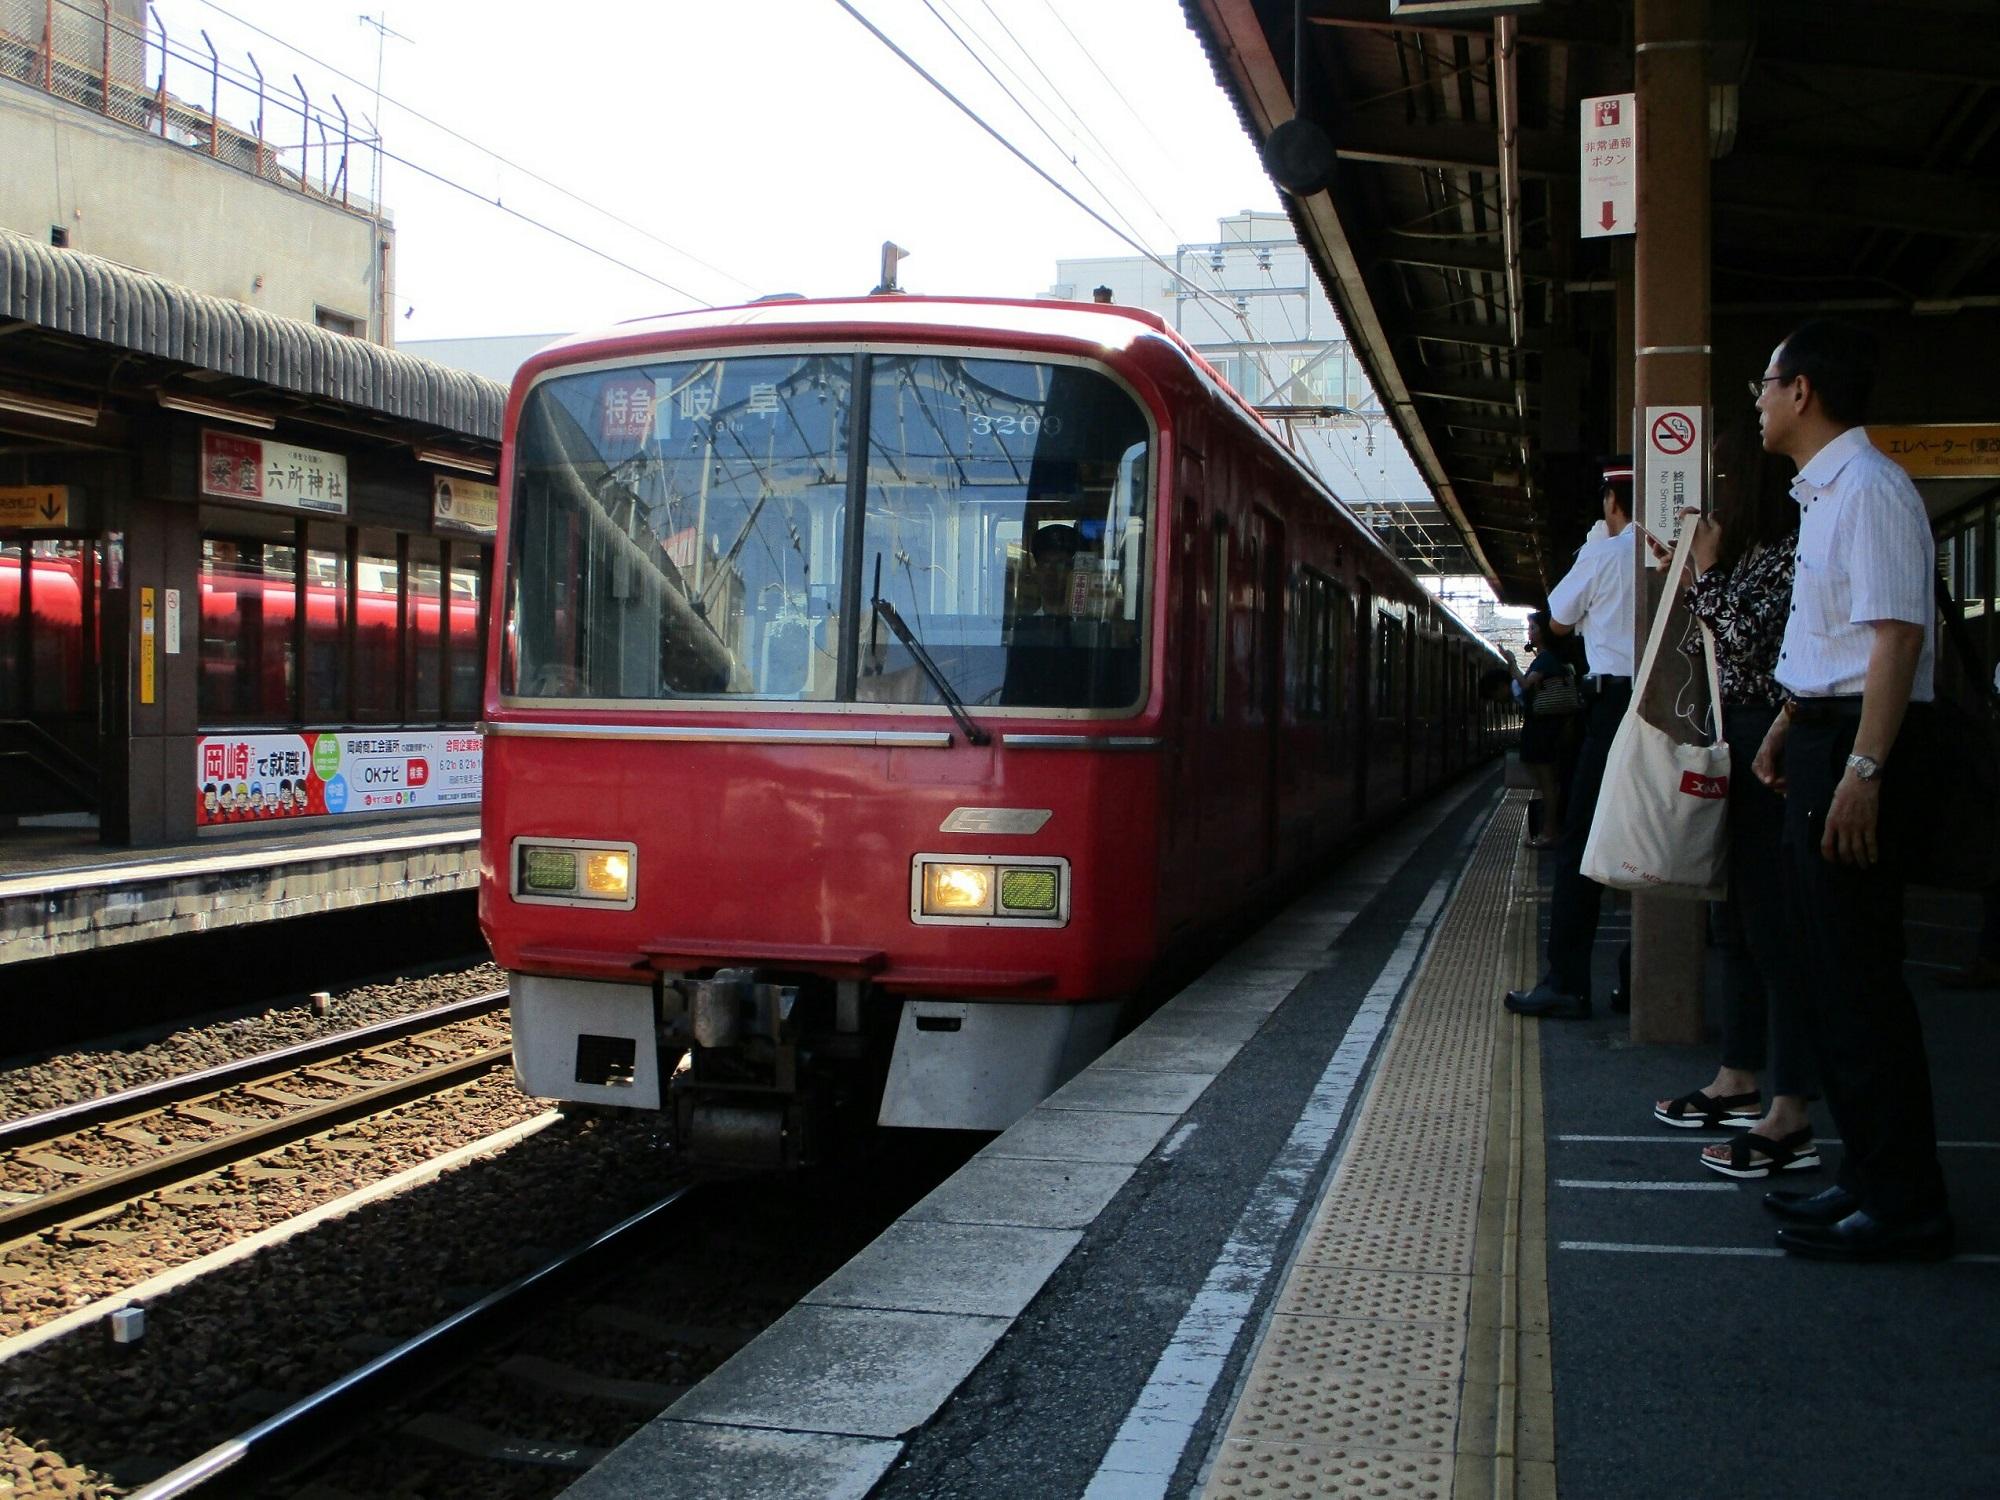 2018.8.27 (15) 東岡崎 - 岐阜いき特急 2000-1500